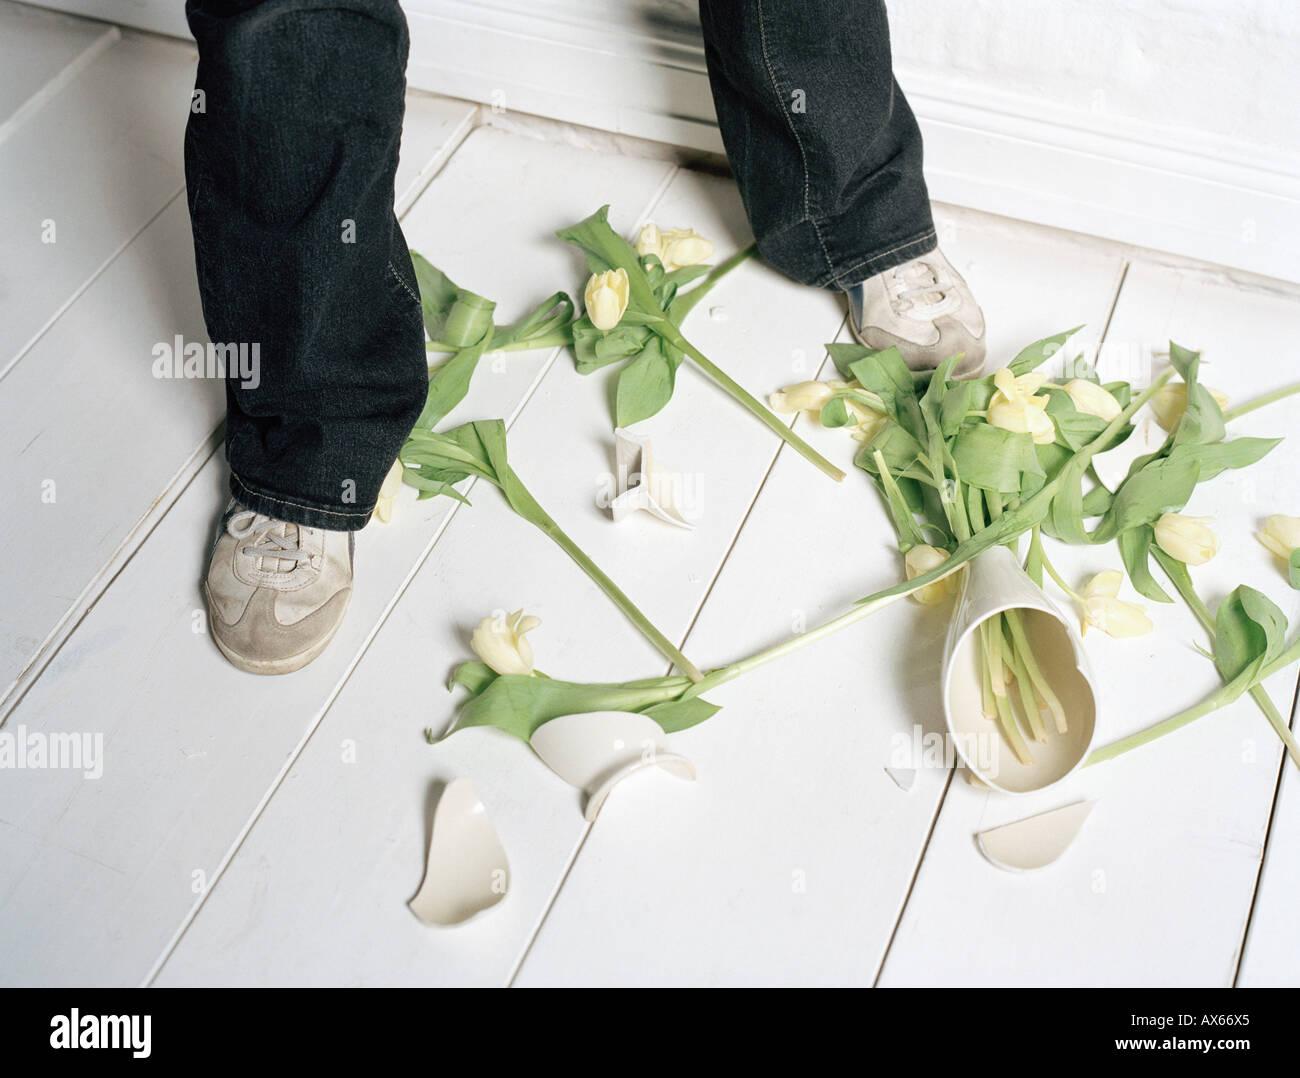 Broken vase and flowers on floor stock photo 9567012 alamy broken vase and flowers on floor reviewsmspy